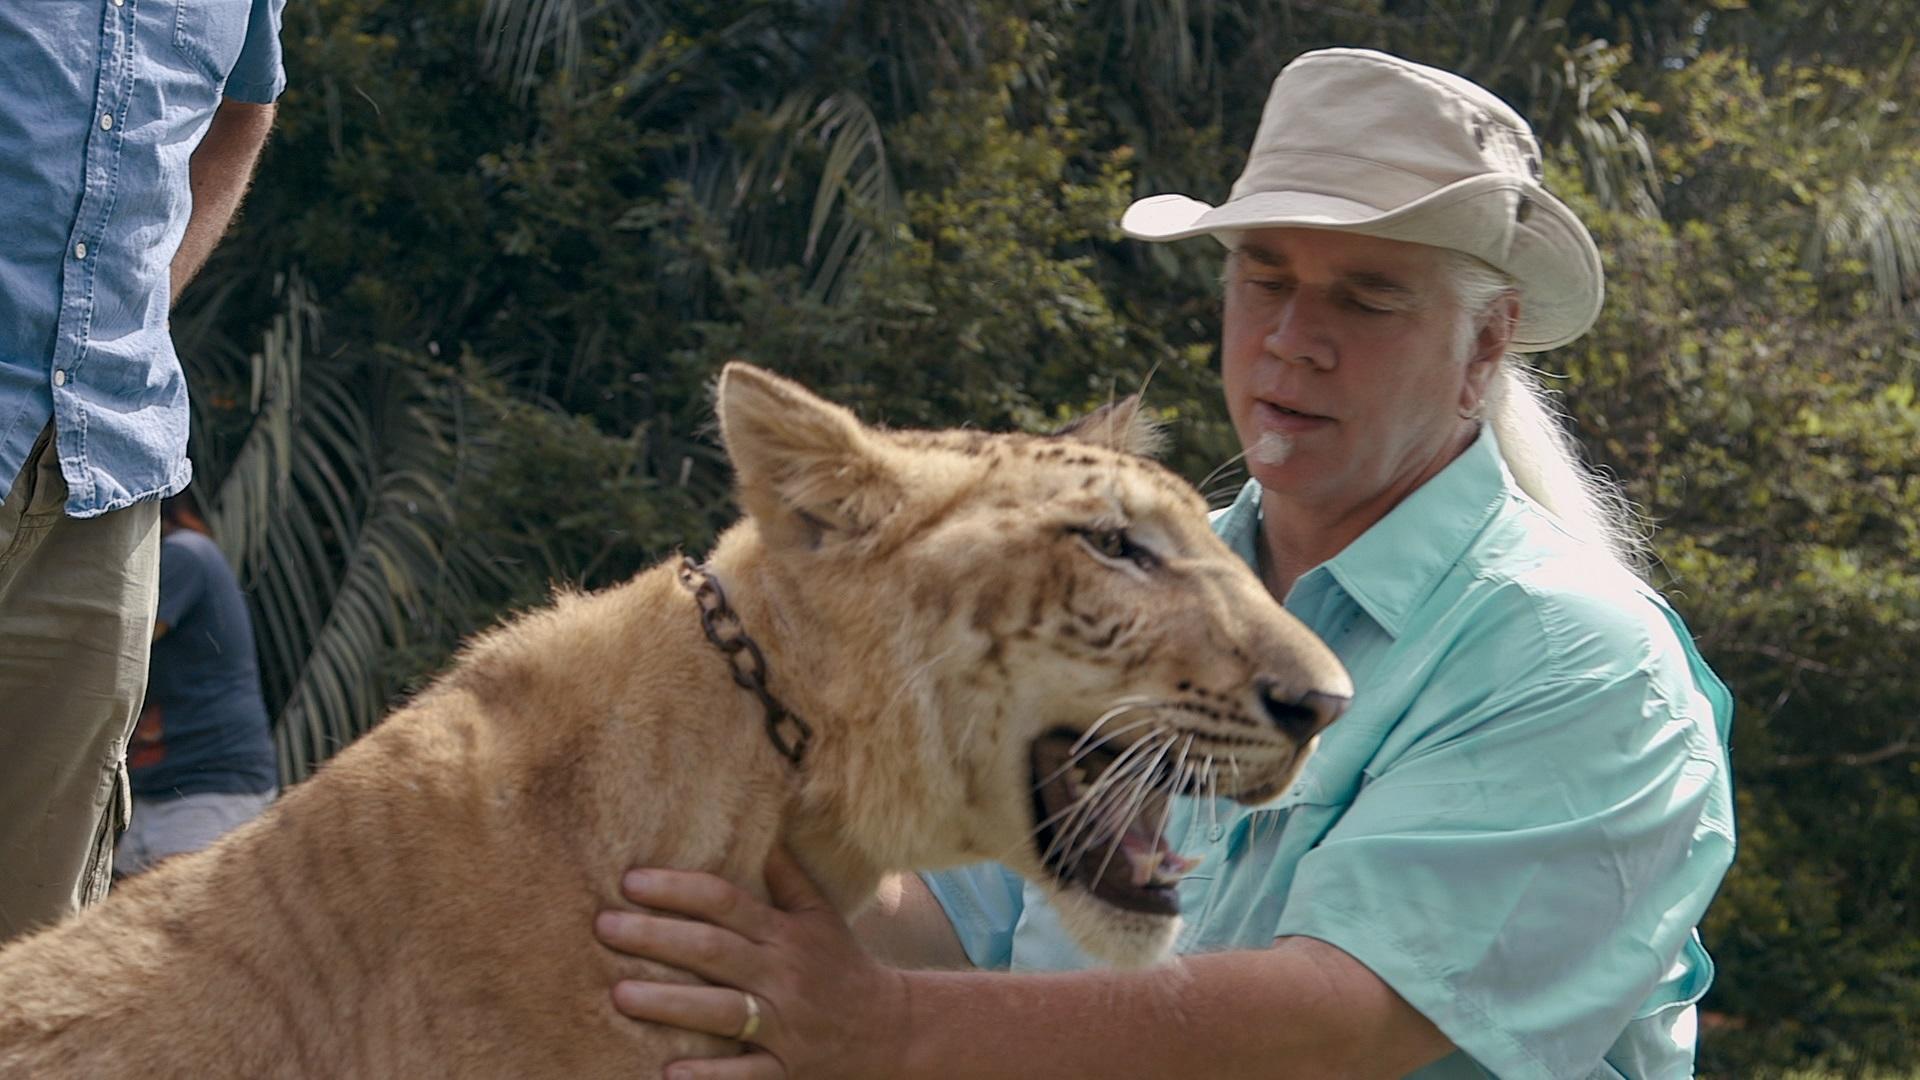 Bhagavan Doc Antler, director of Myrtle Beach Safari.